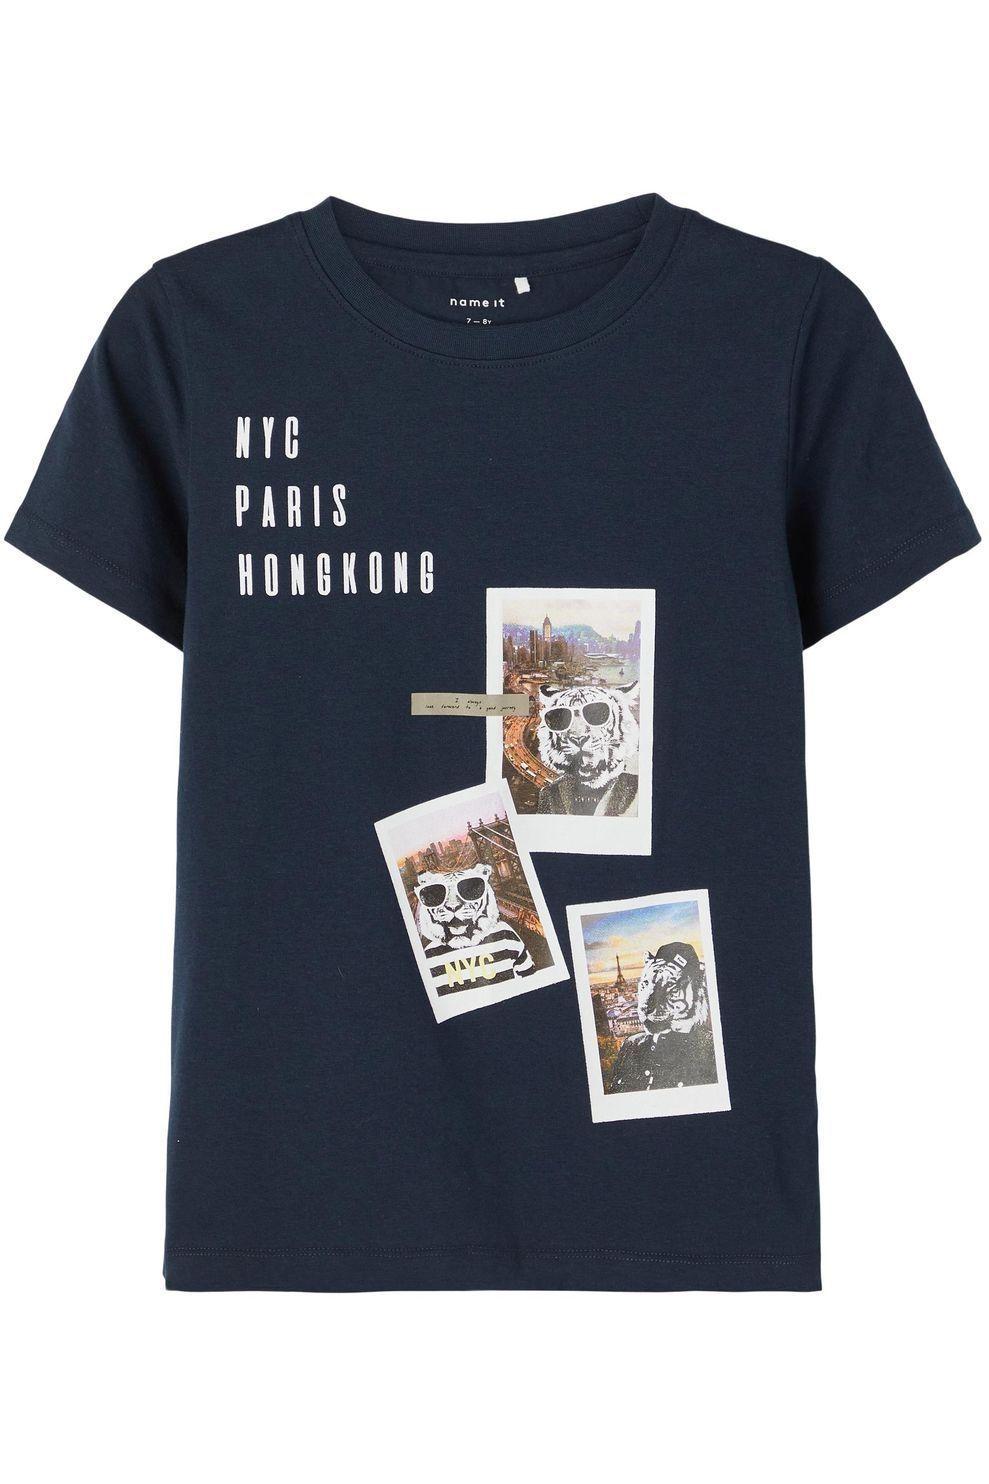 NAME IT T-Shirt Nkmfaust voor jongens - Blauw - Maten: 116, 128, 140, 152, 164